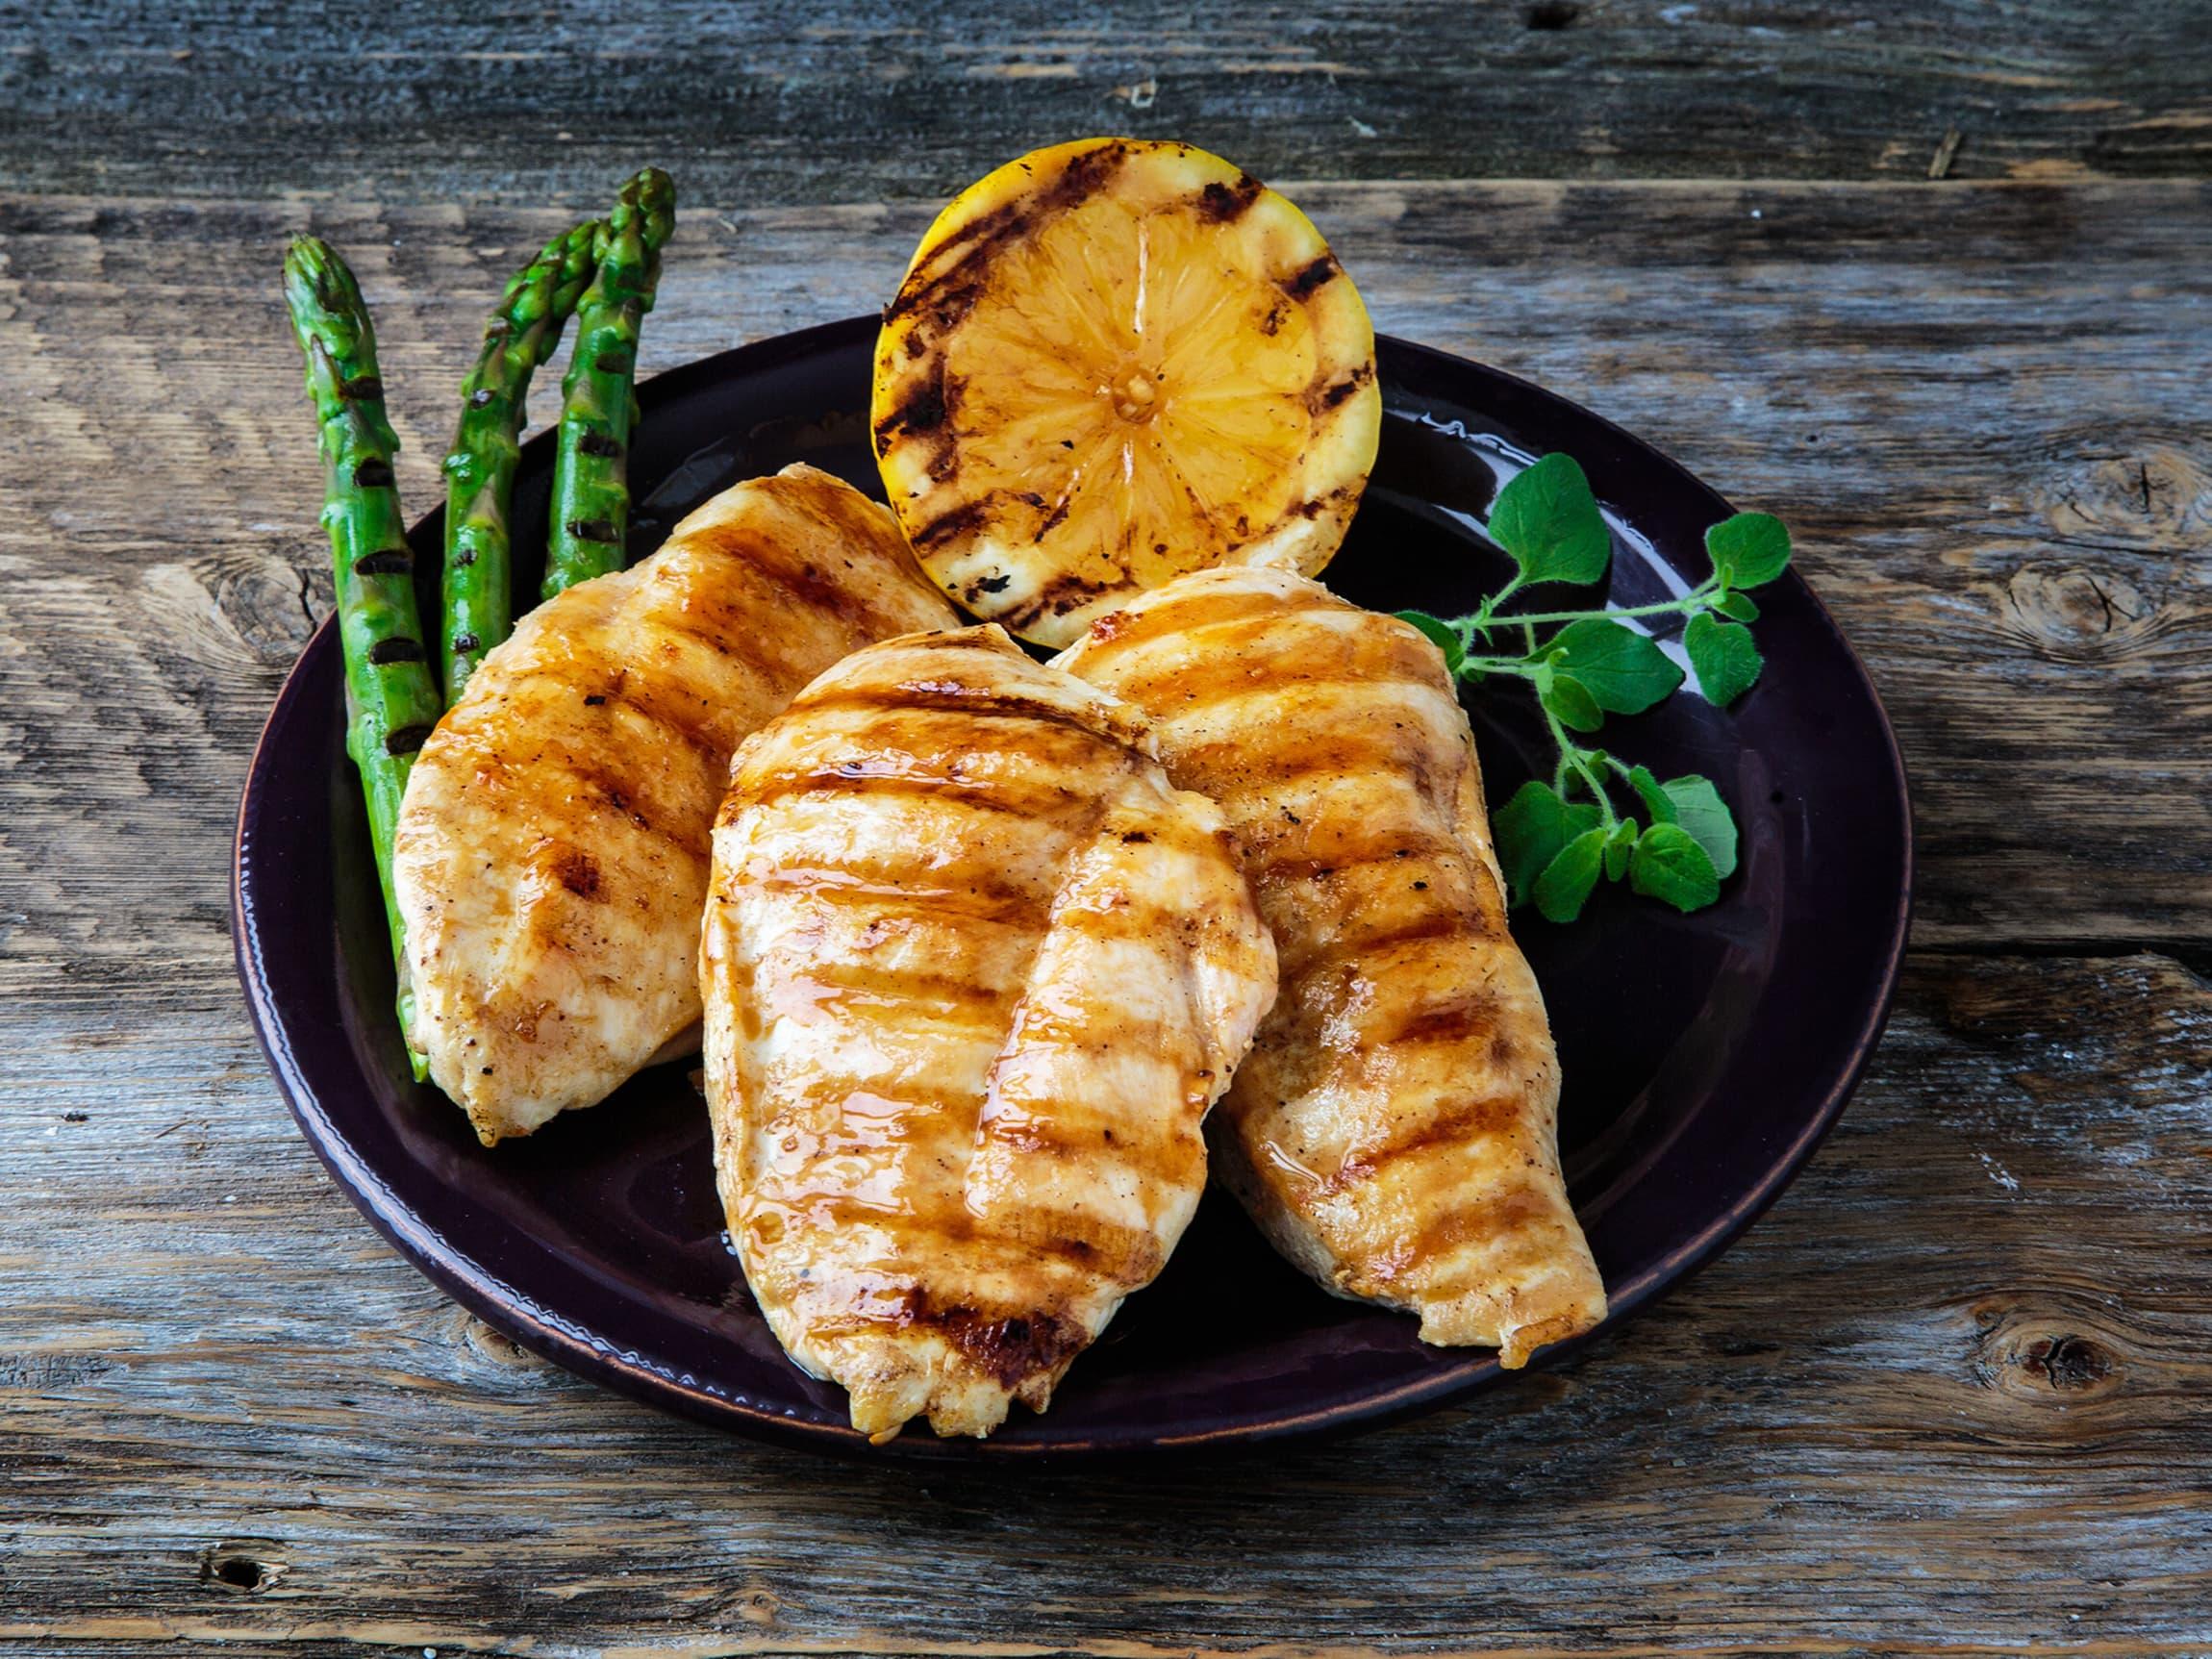 Kylling kan smaksettes med mange typer krydder - fra det kjente med salt og pepper til de mer eksotiske krydderblandingene som importeres fra andre land, som karri og tandoori.